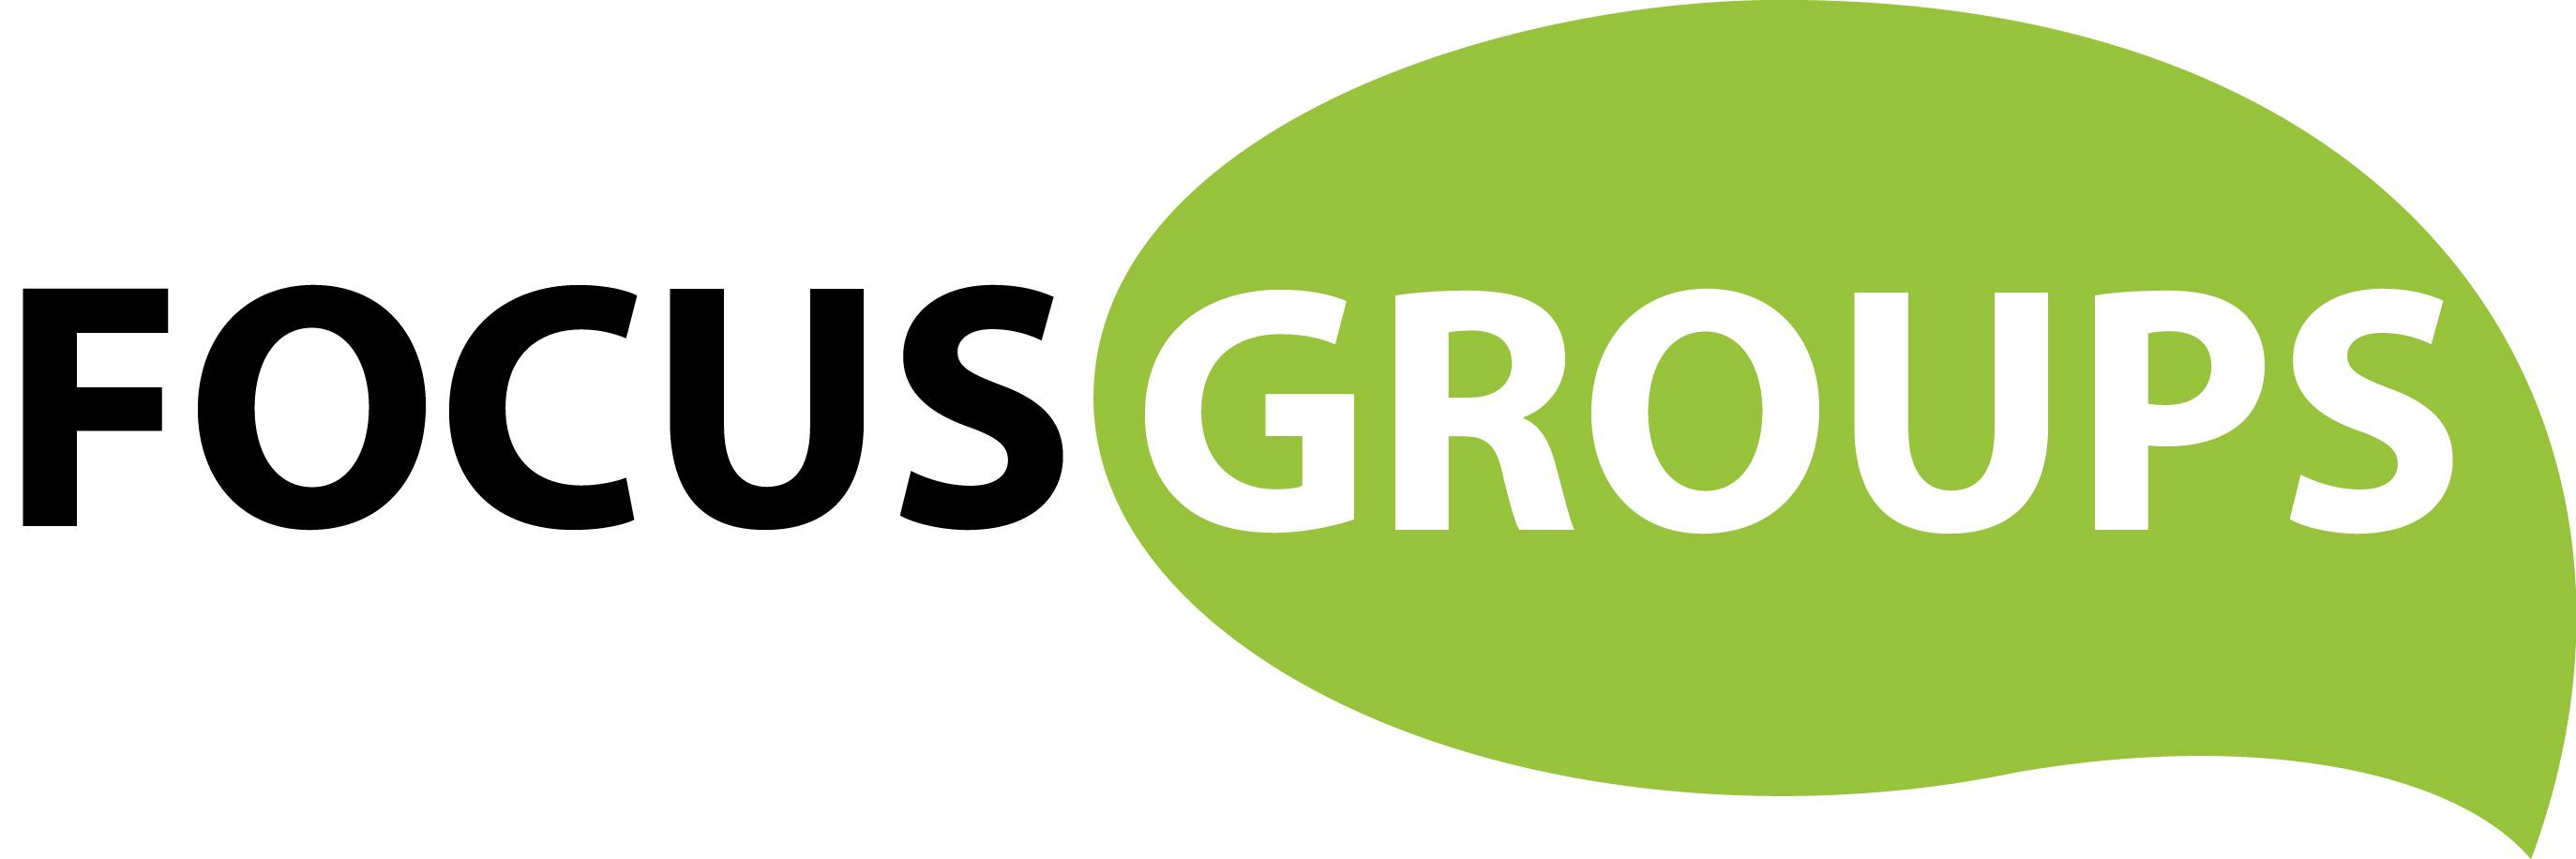 focusgroups_rgb